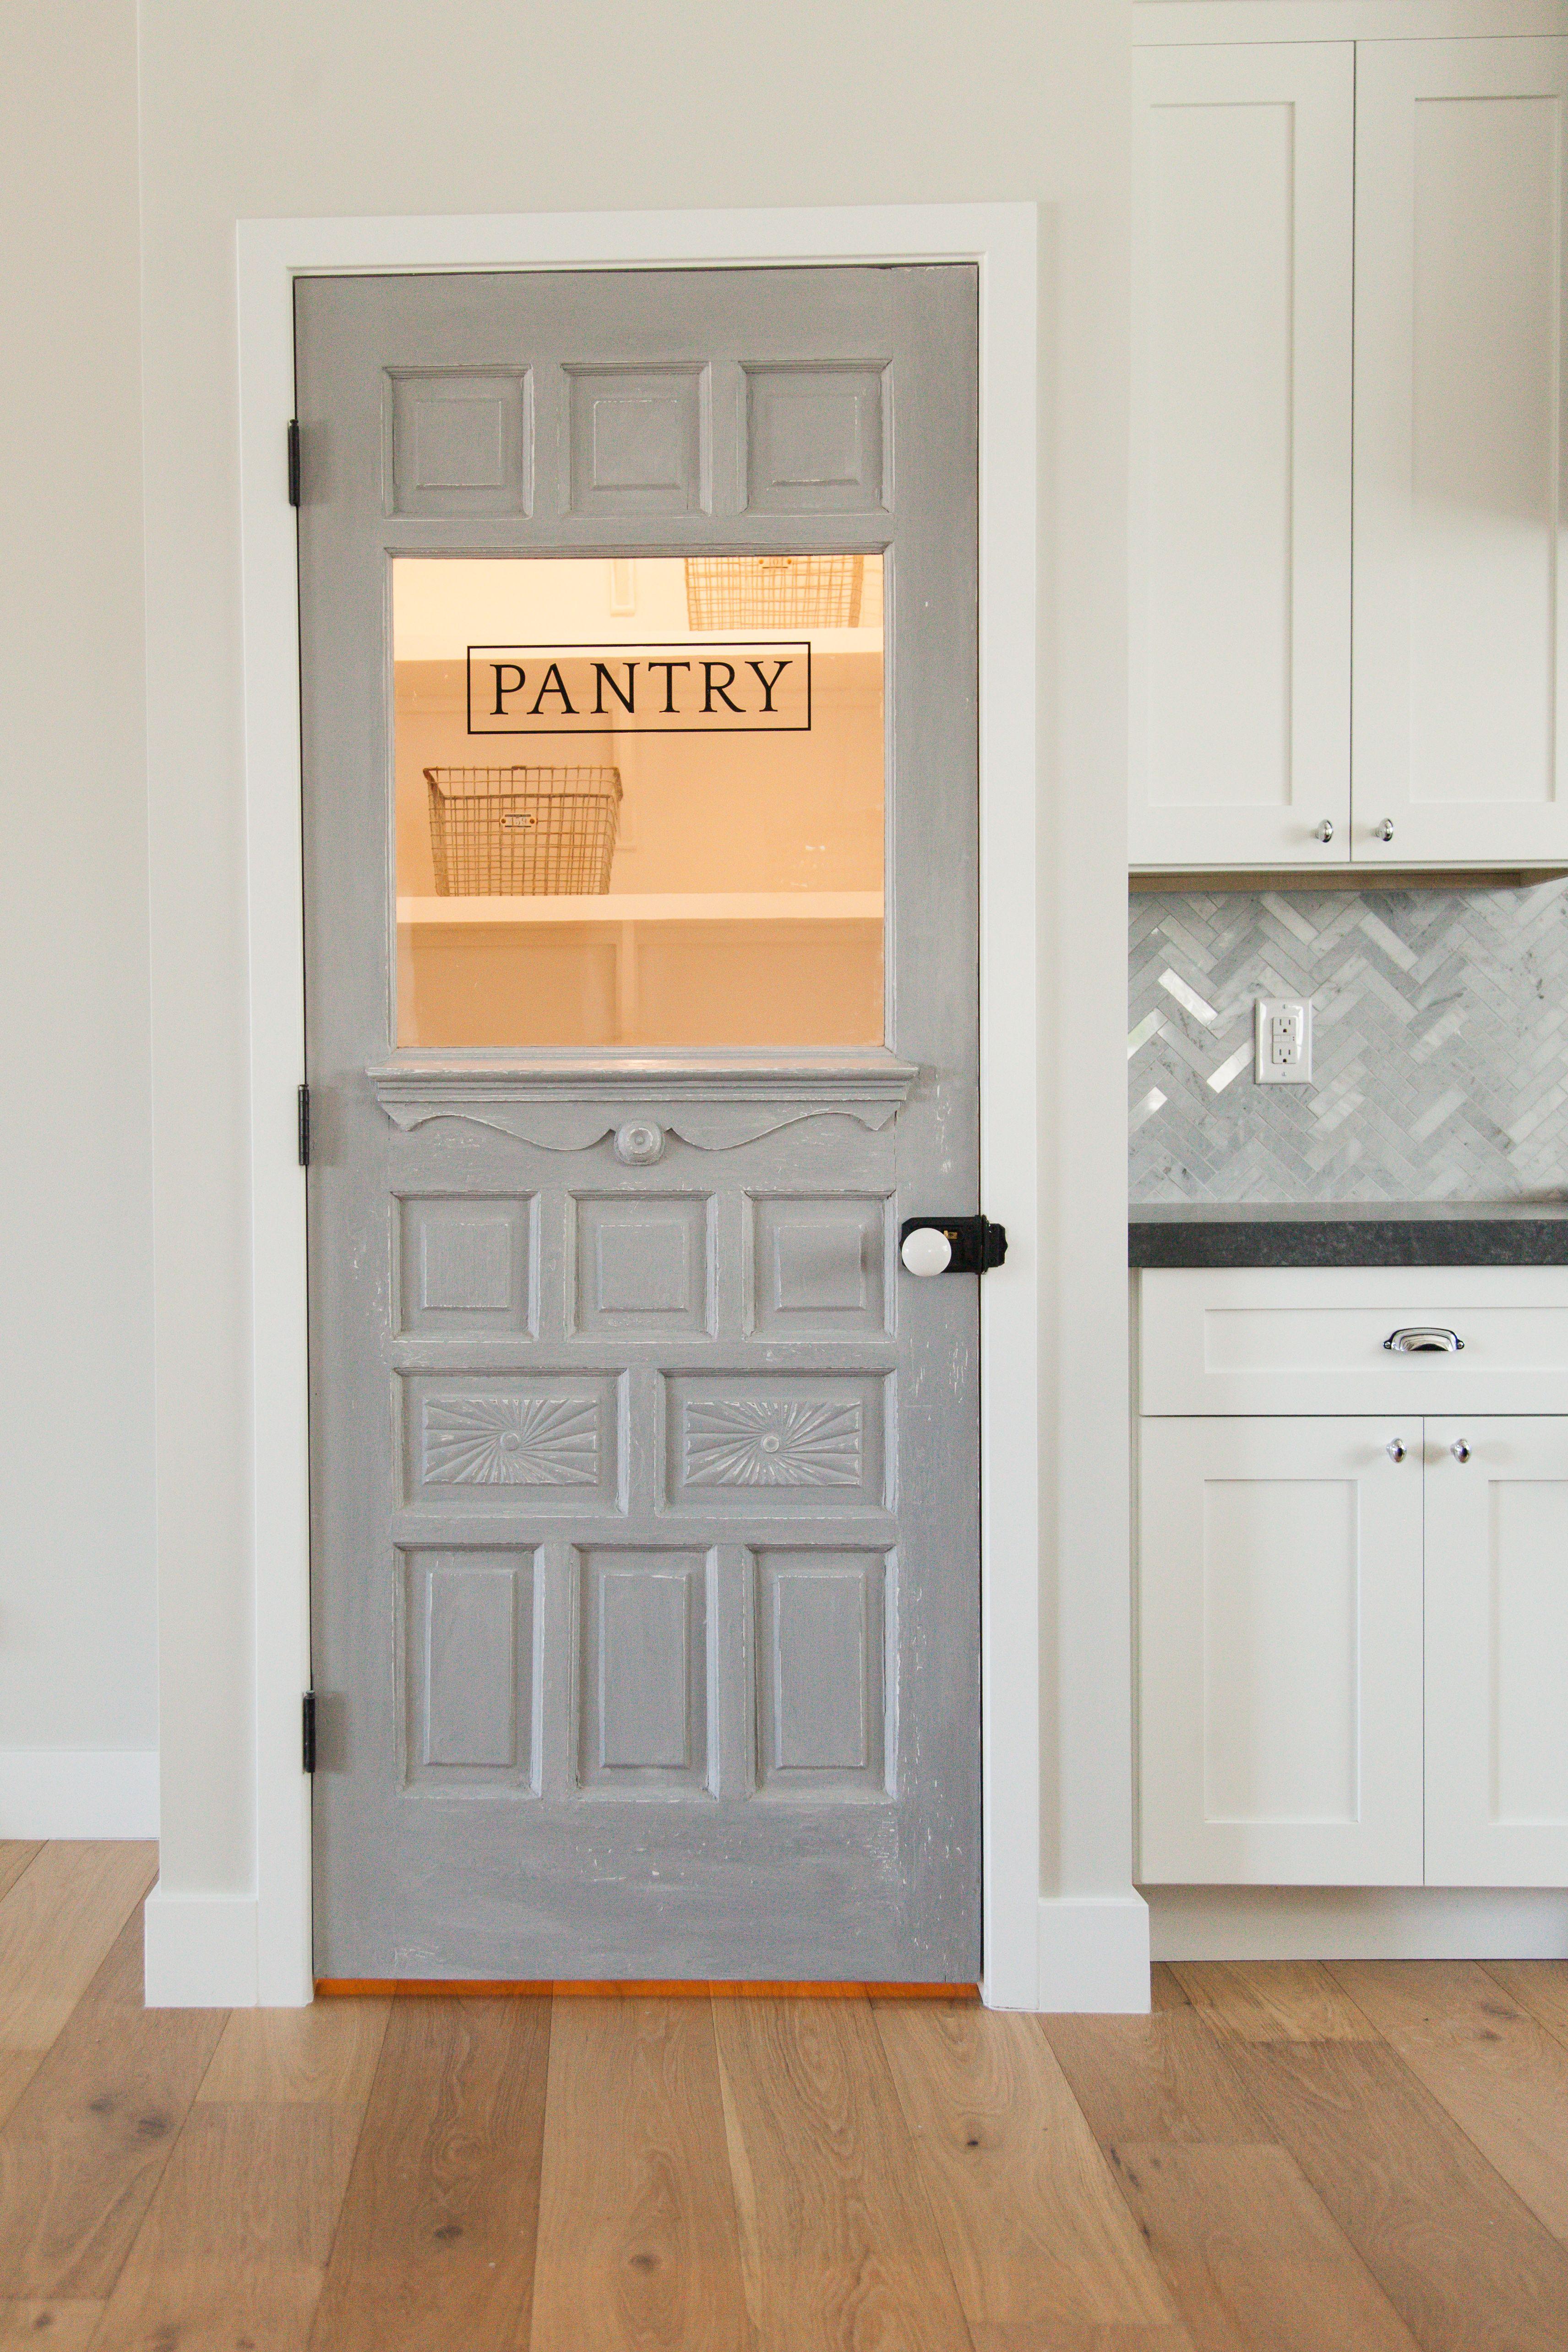 Antique door repurposed as a pantry door by Rafterhouse